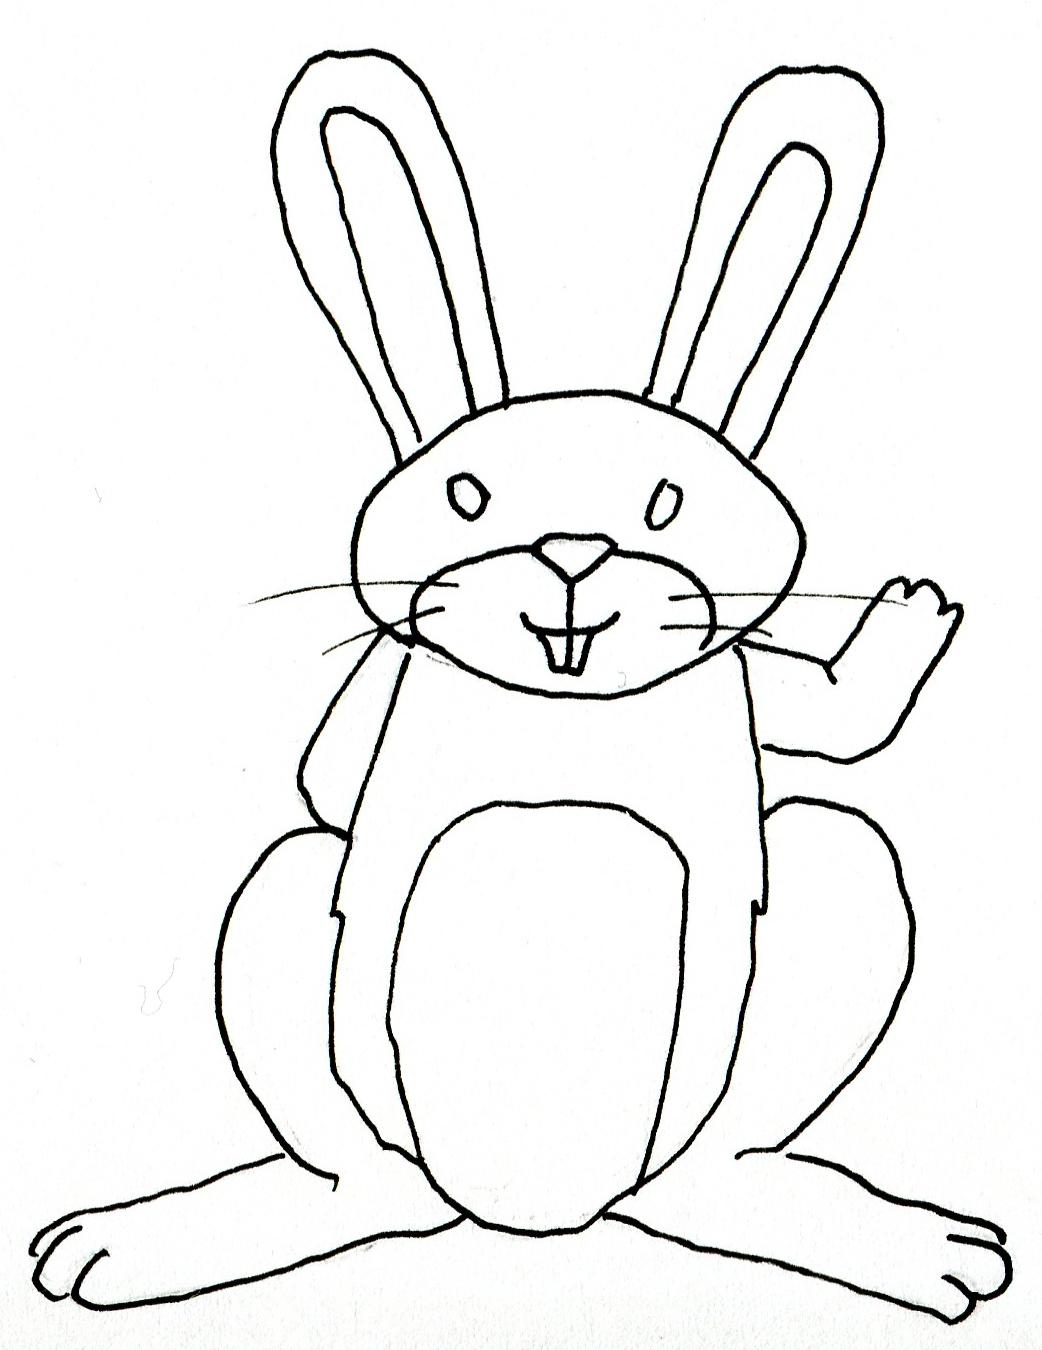 Pr parer la colorisation d 39 un dessin scann la classe - Dessin un lapin ...